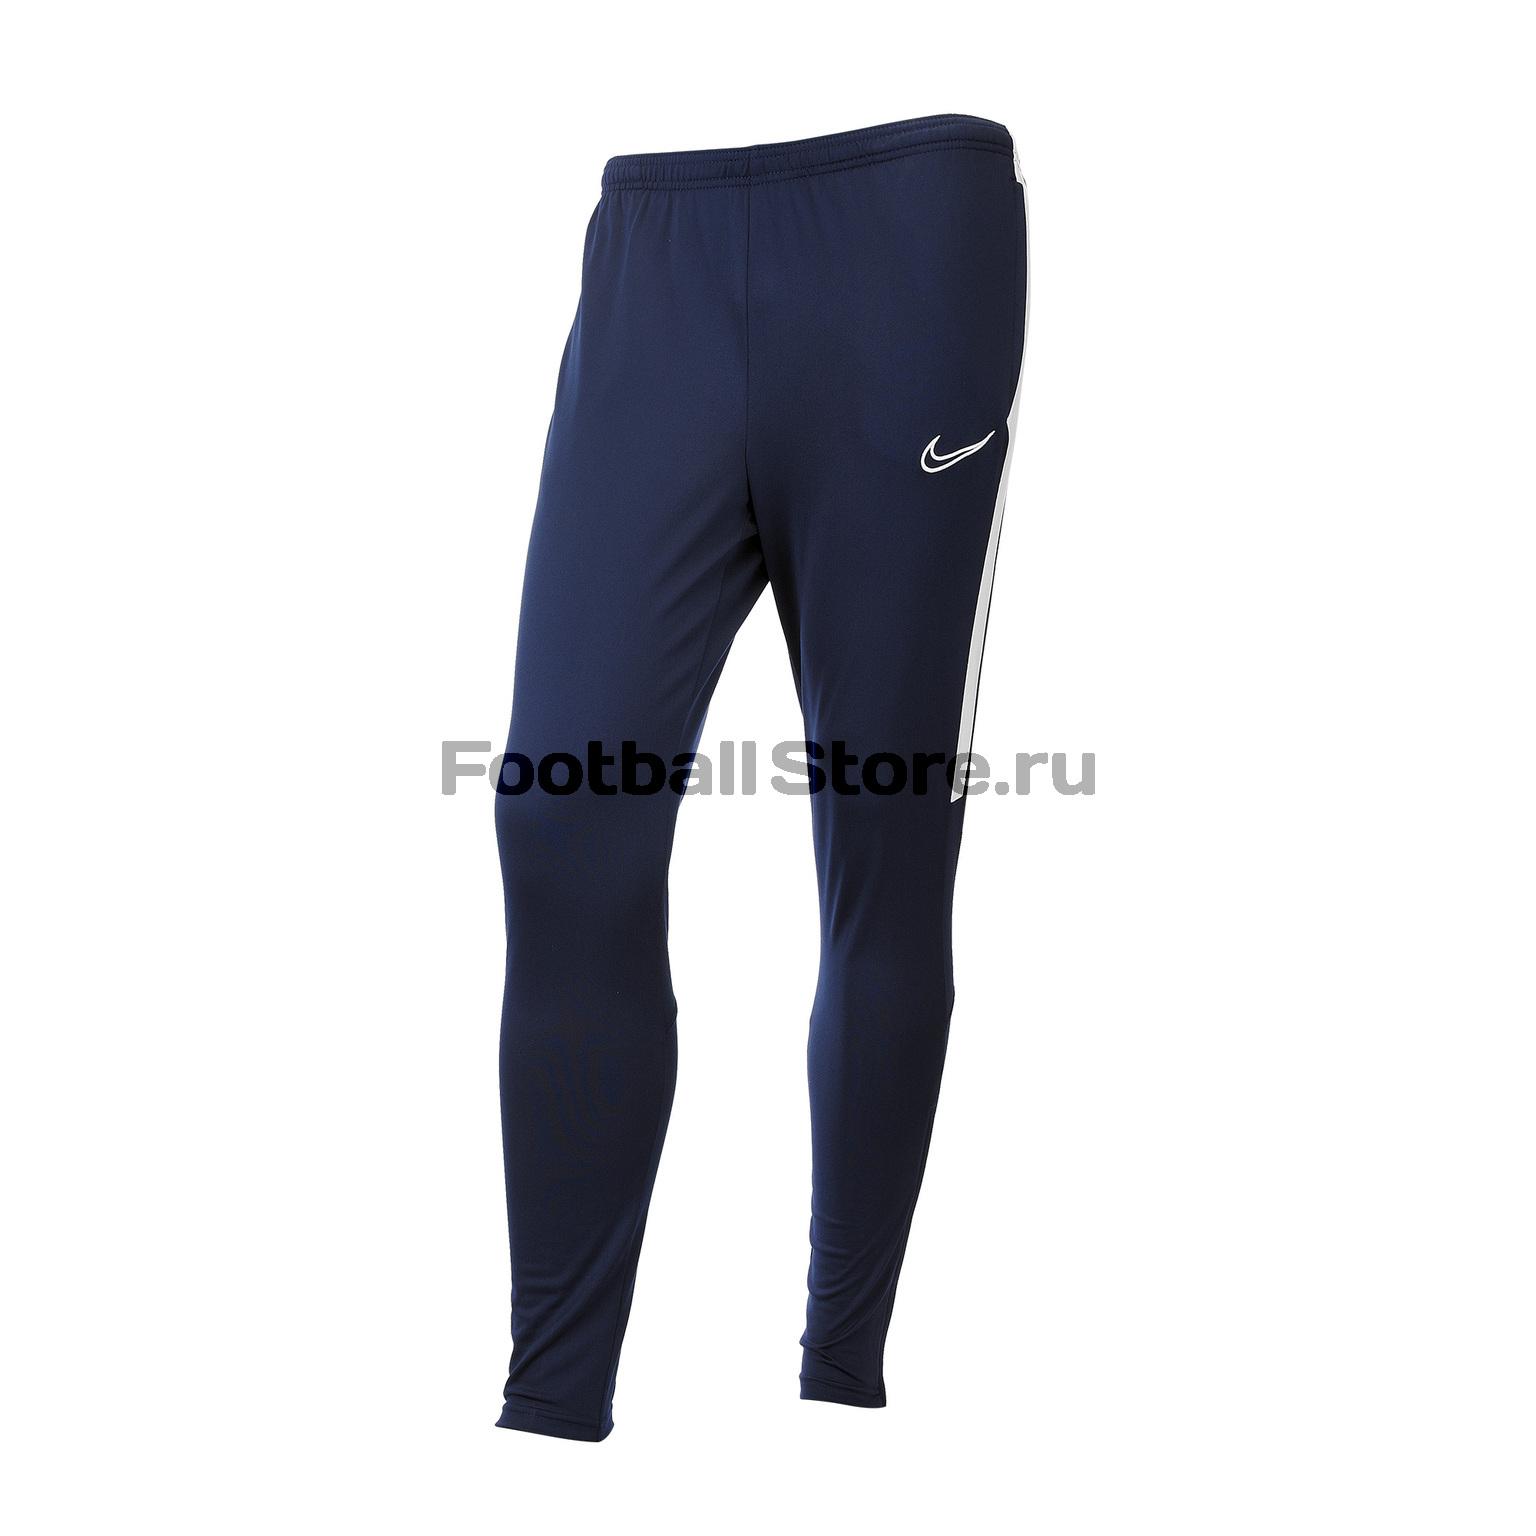 Брюки тренировочные Nike Dry Academy AJ9729-451 брюки тренировочные подростковые nike squad 832390 451